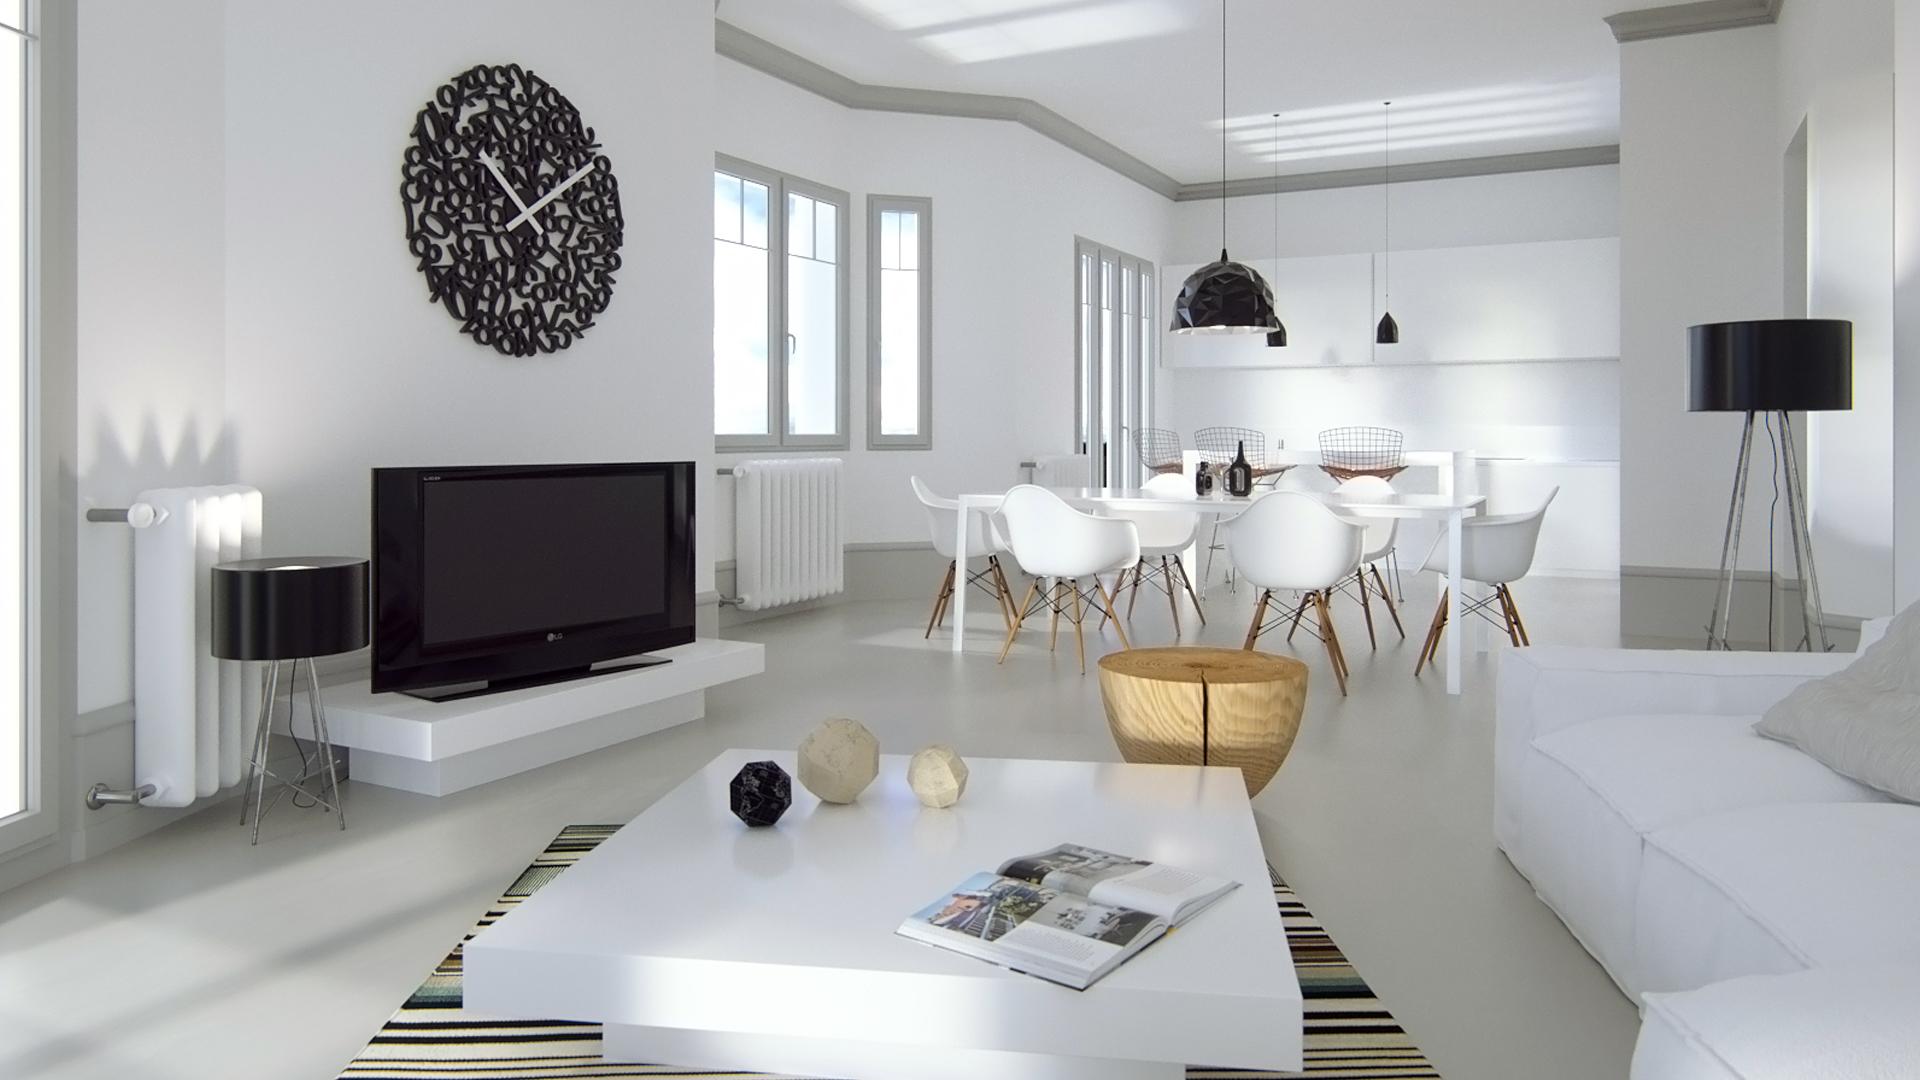 Itup – Rénovation intérieure